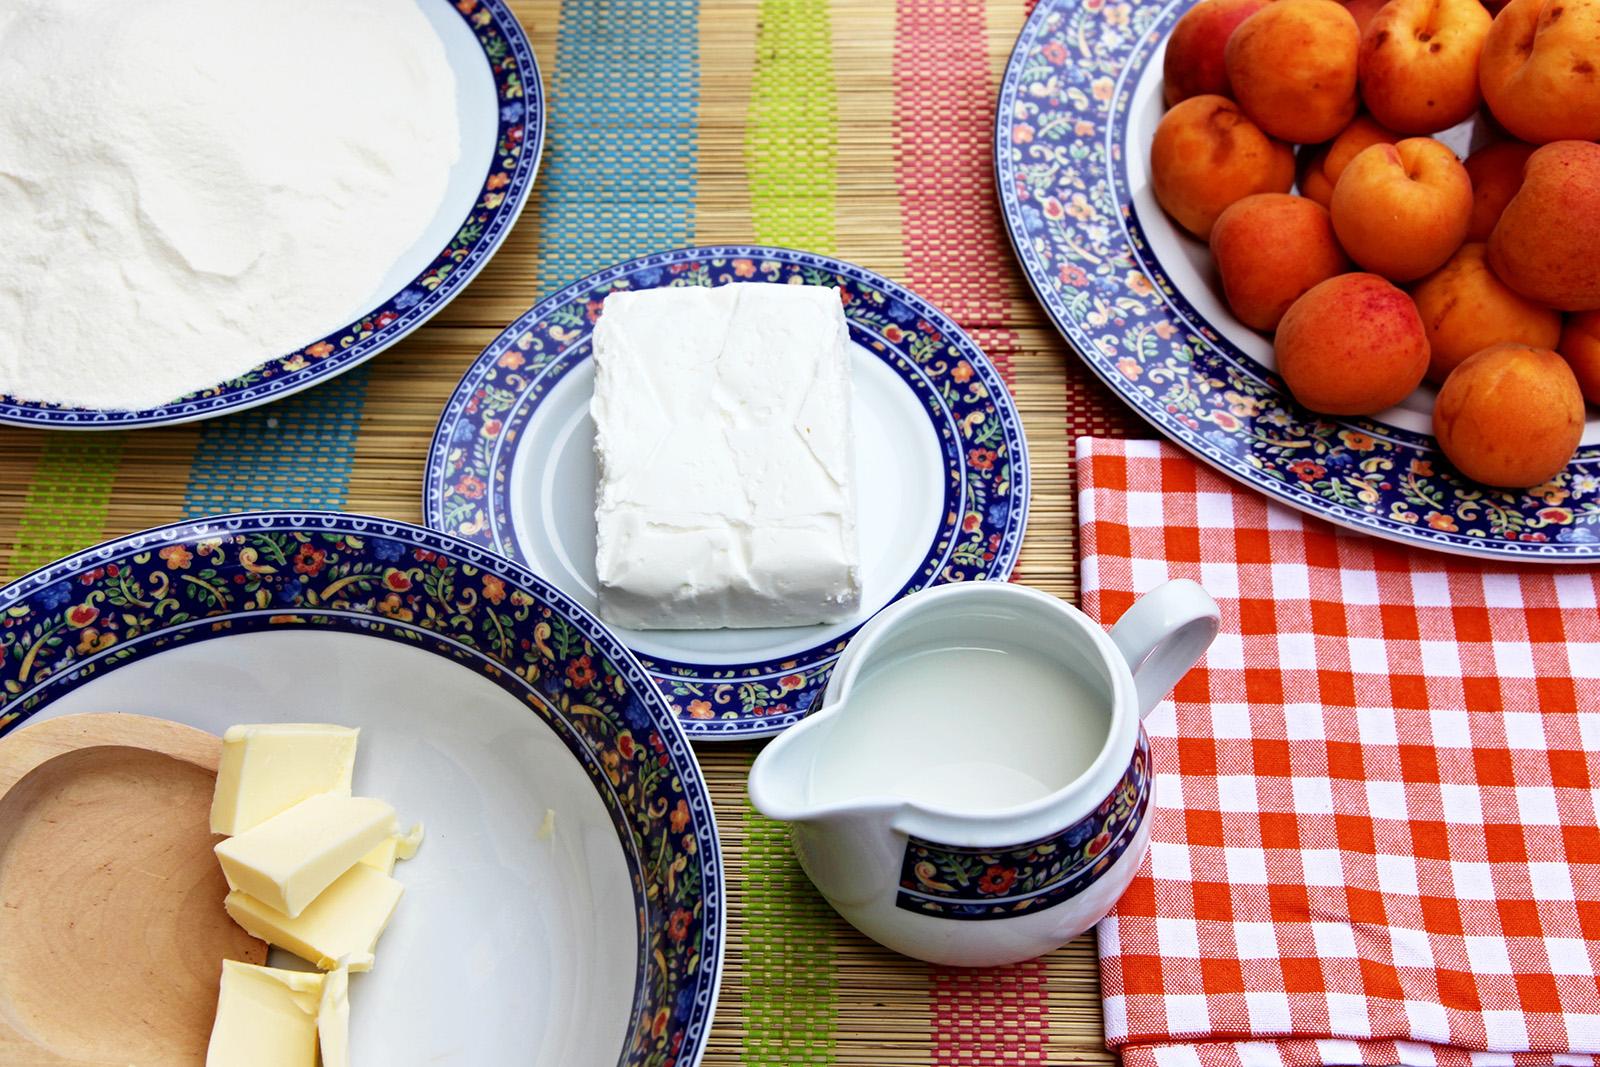 Tvarohové těsto se krásně zpracovává meruňky jdou snadno zabalit